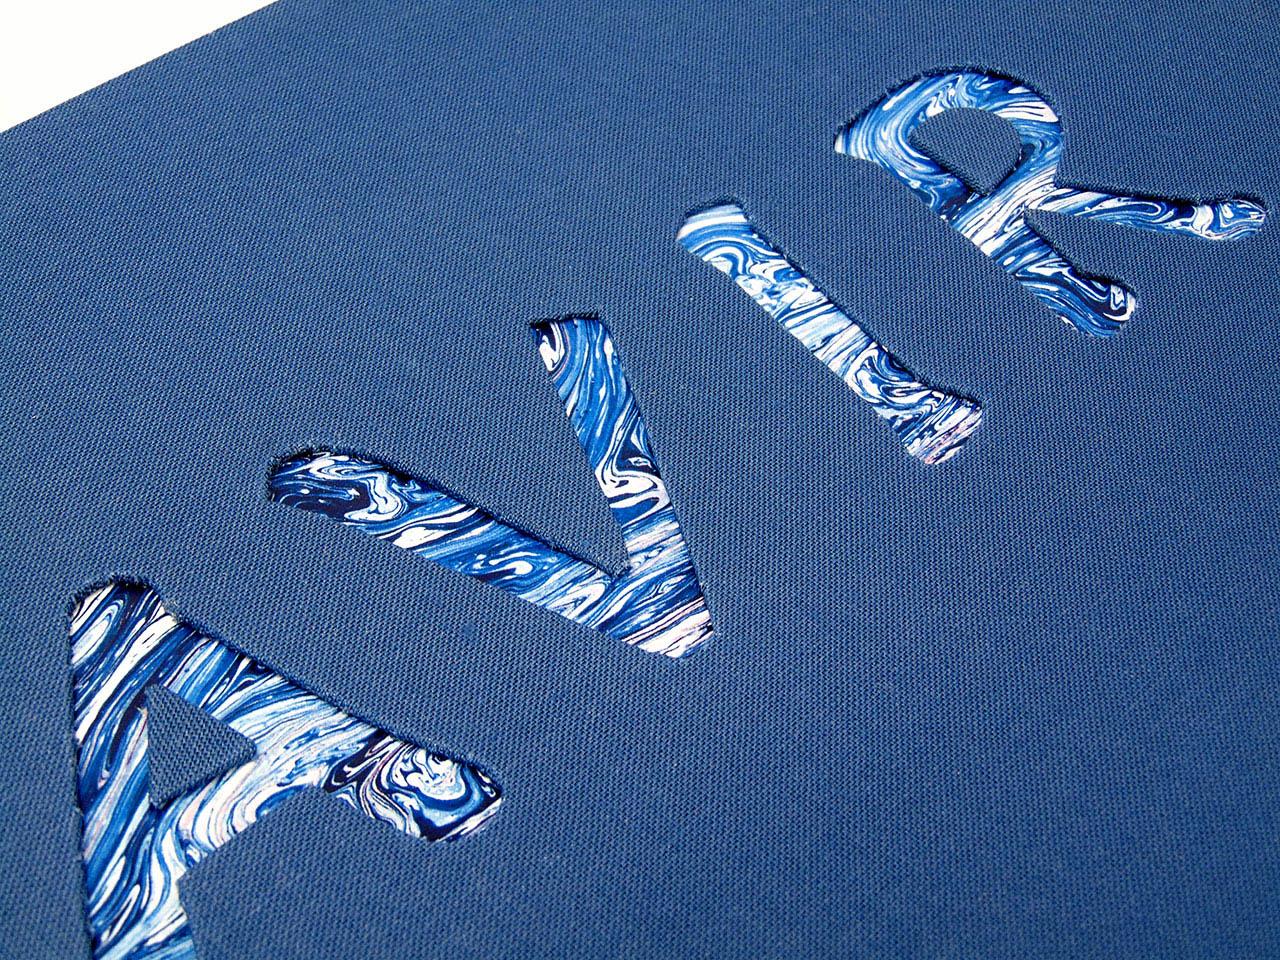 Letras en bajo relieve <br>con fondo de papel marmolado